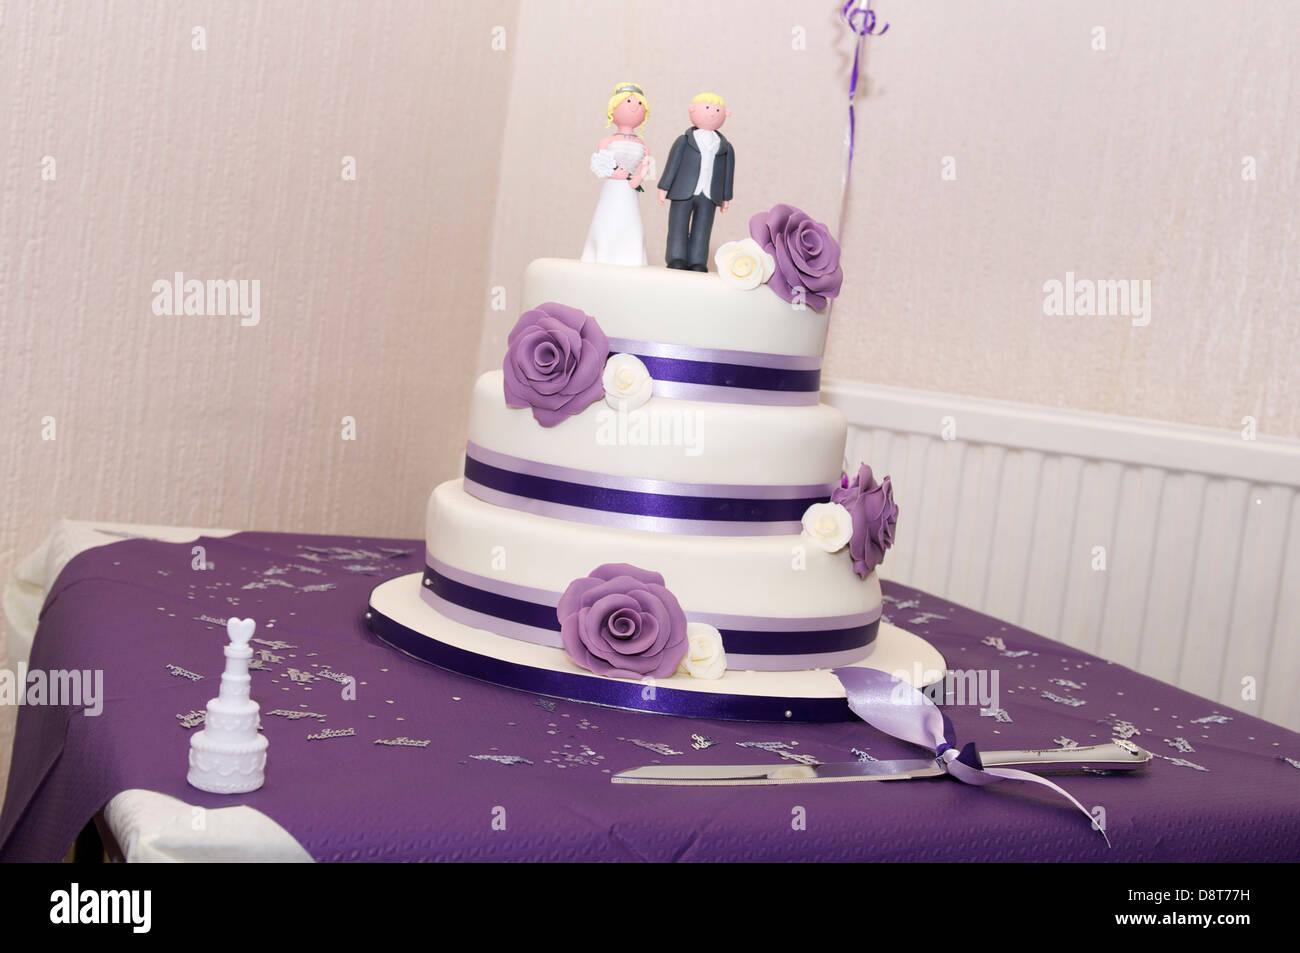 Sympathisch Hochzeitstorte Lila Dekoration Von Mit Schema Drei Tier Kuchen